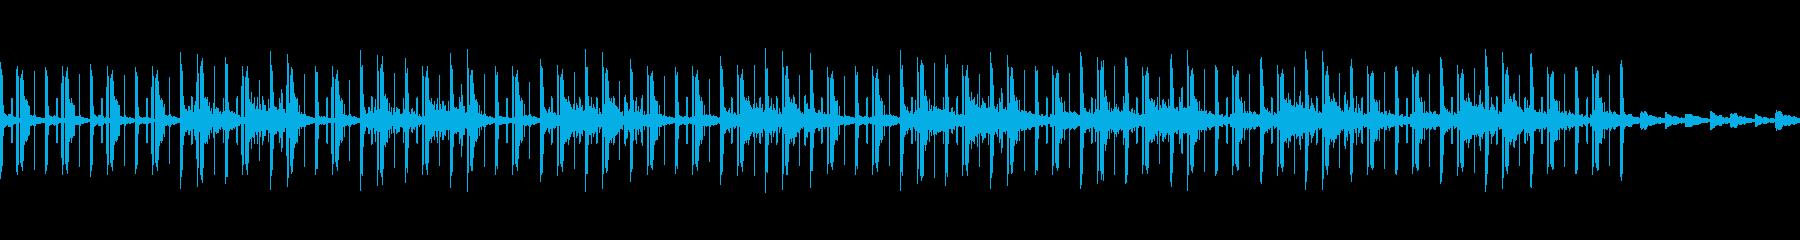 エレクトリックで静かな民族音楽風の再生済みの波形